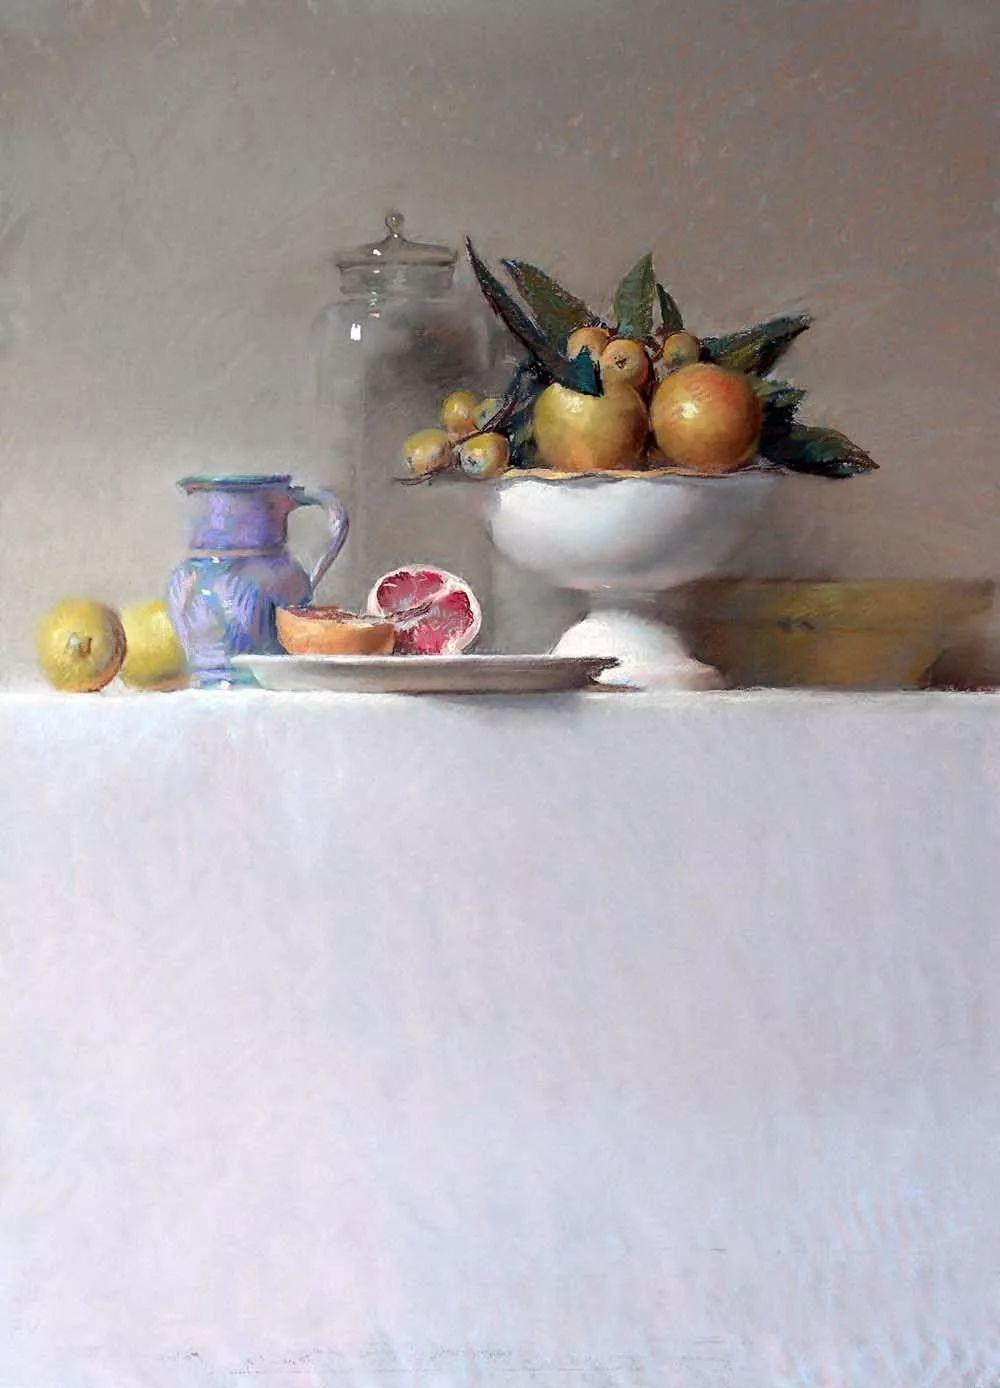 粉彩之美,西班牙艺术家桑塔曼斯的绘画作品插图6